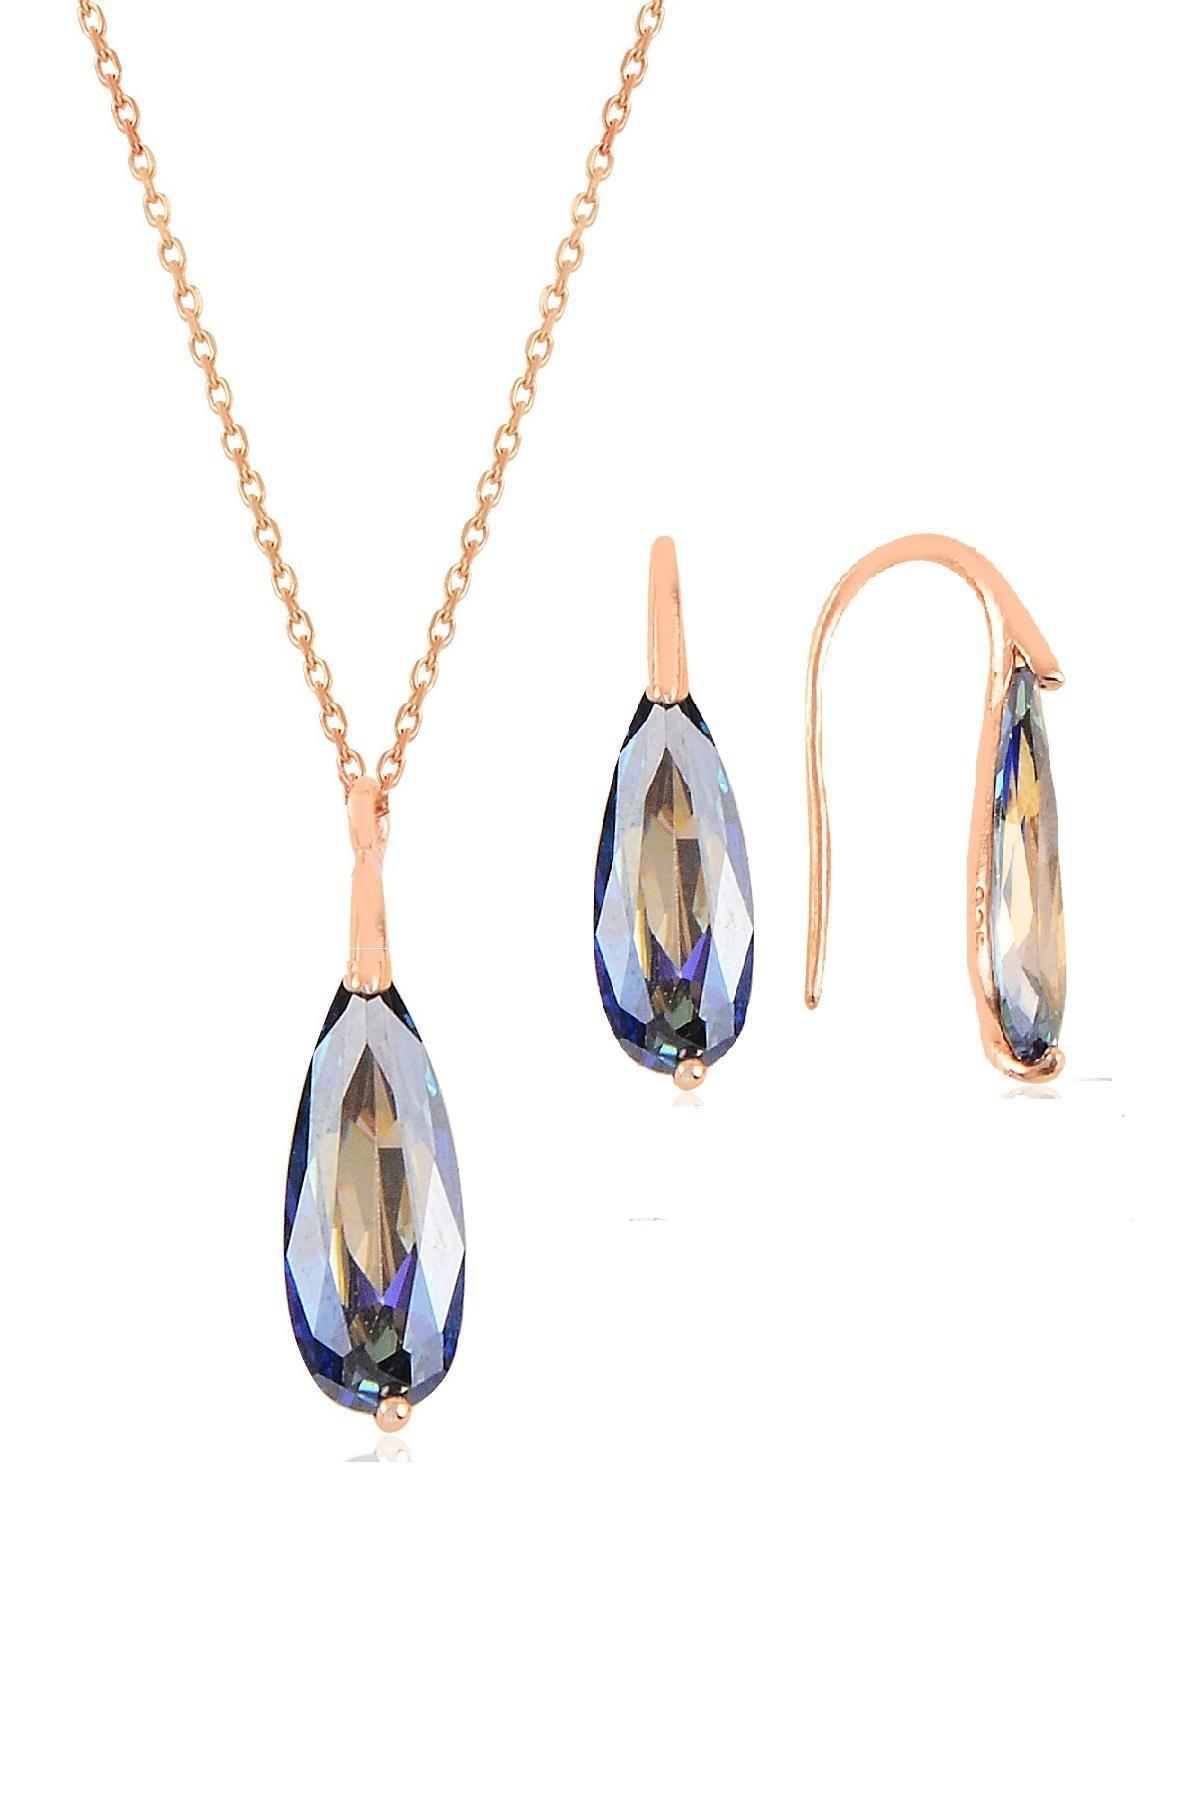 Söğütlü Silver Gümüş rose mavi mistik  taşlı damla kolye ve küpe ikili gümüş set